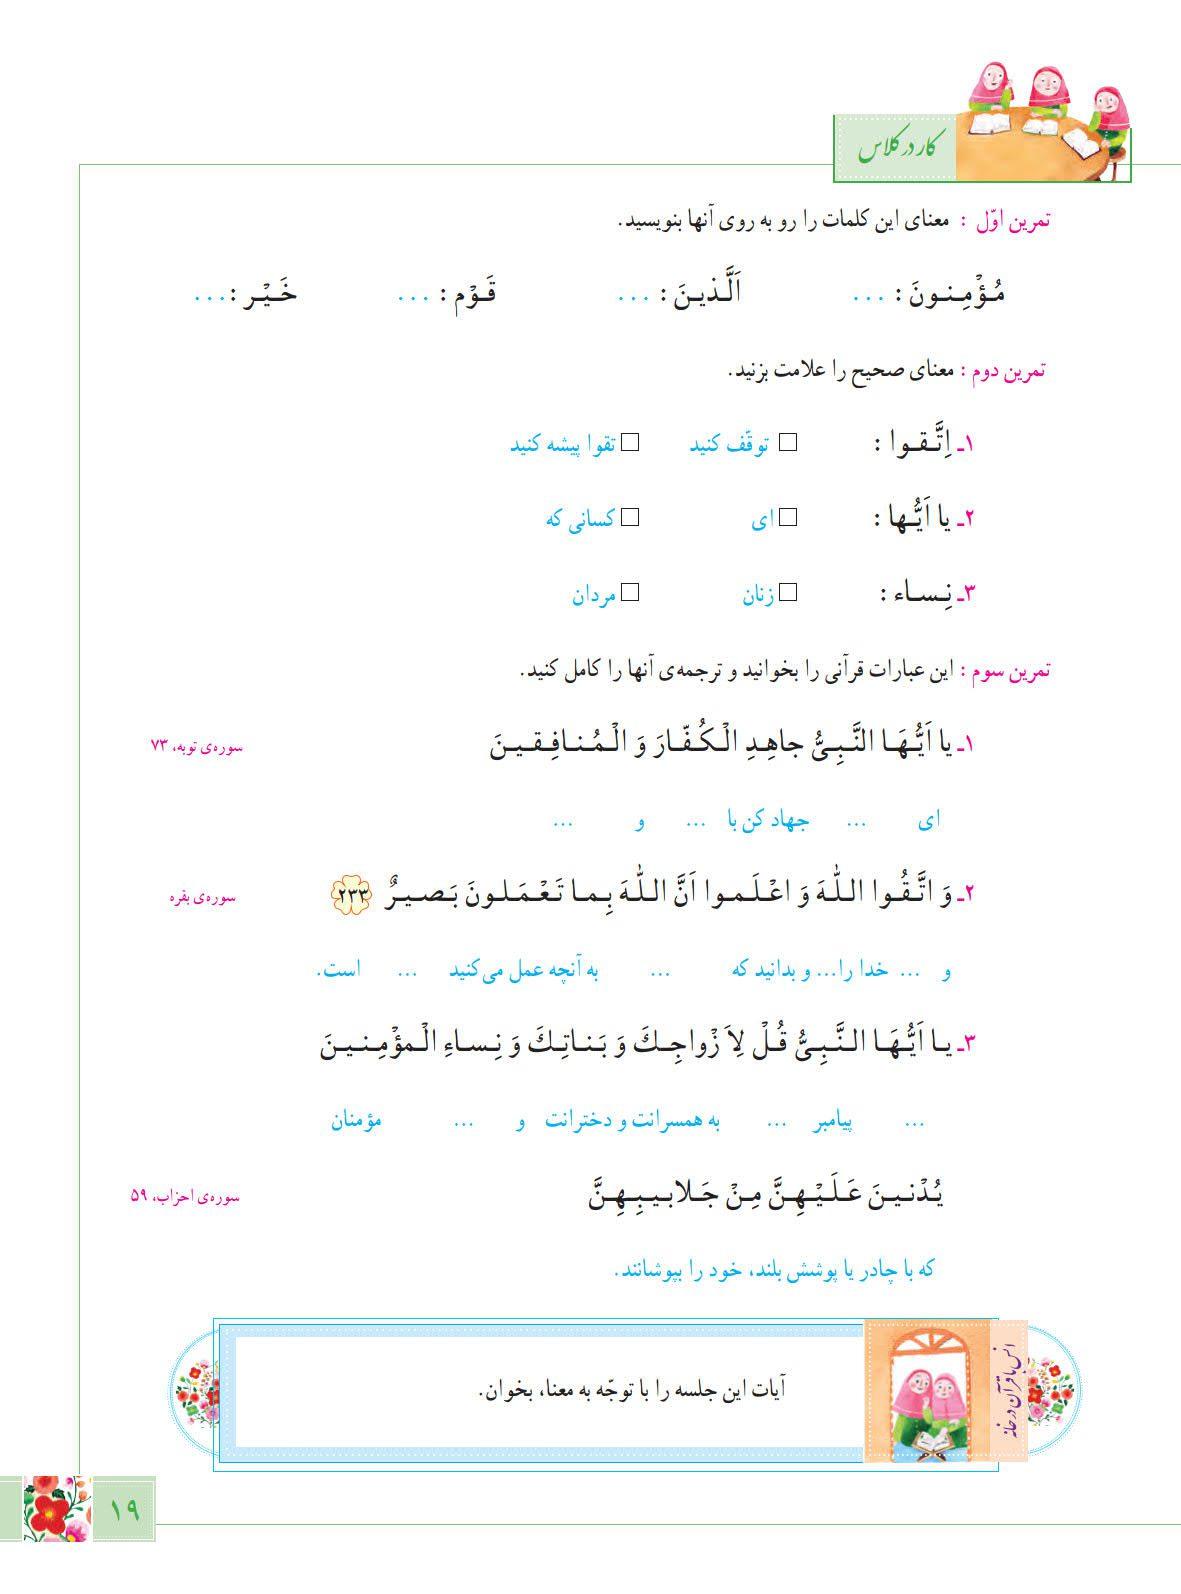 درس سوم آموزش قرآن پایه ششم ابتدایی - کلاس اینترنتی ما - مومکا - صفحه 19 - momeka.ir (1)